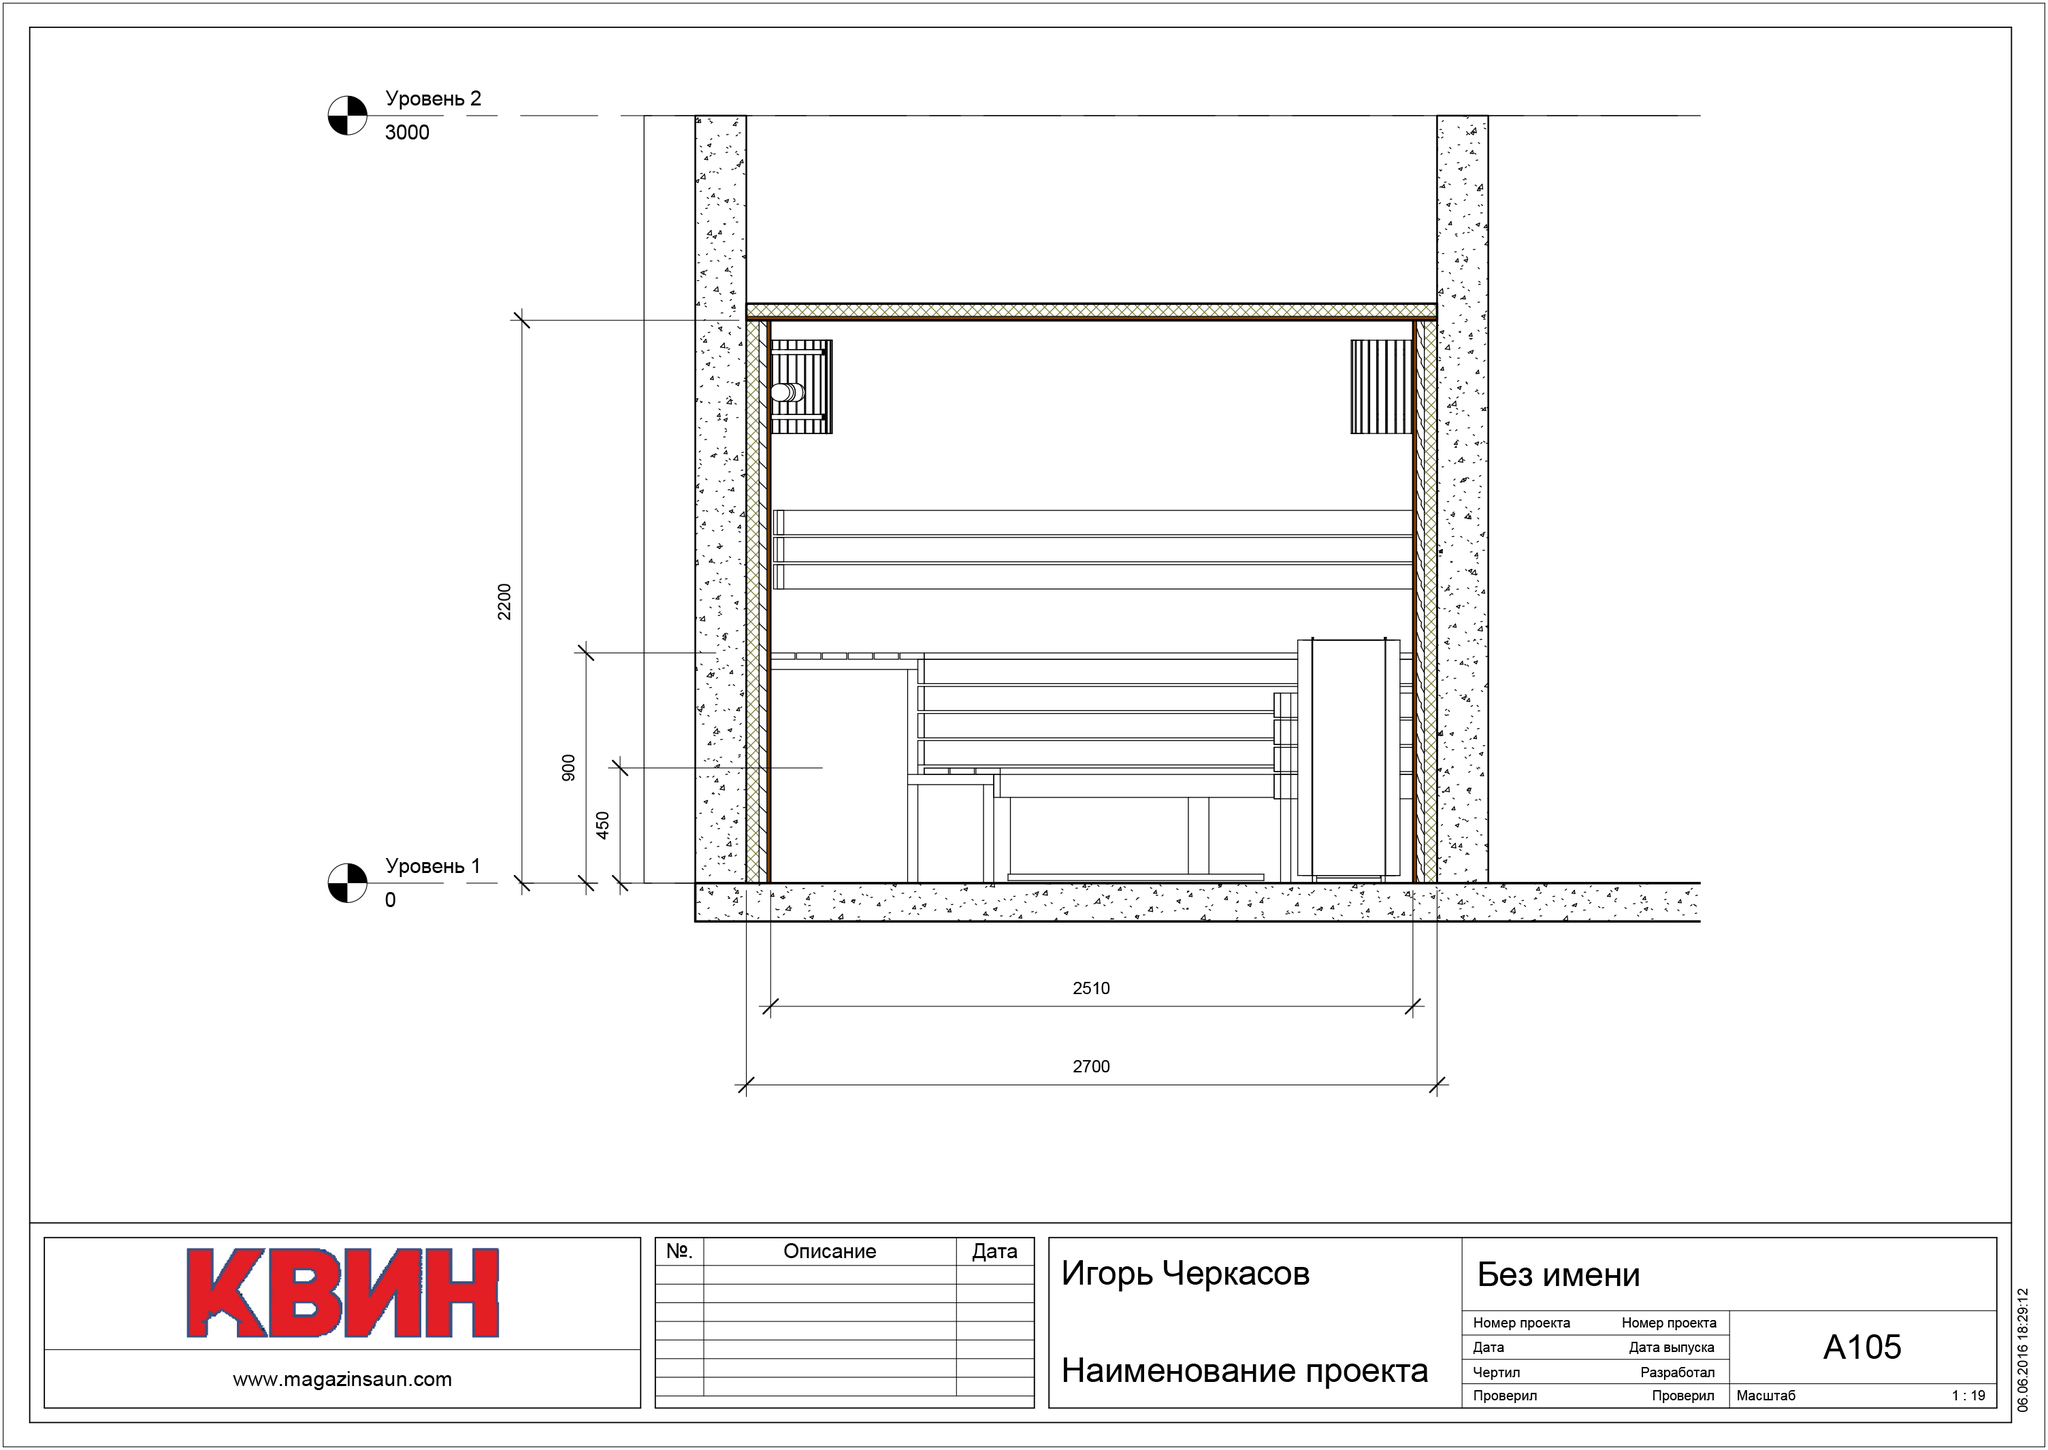 Проект сауна 2,7х1,7 материал: липа, абаш, вставки кедр, фото 3